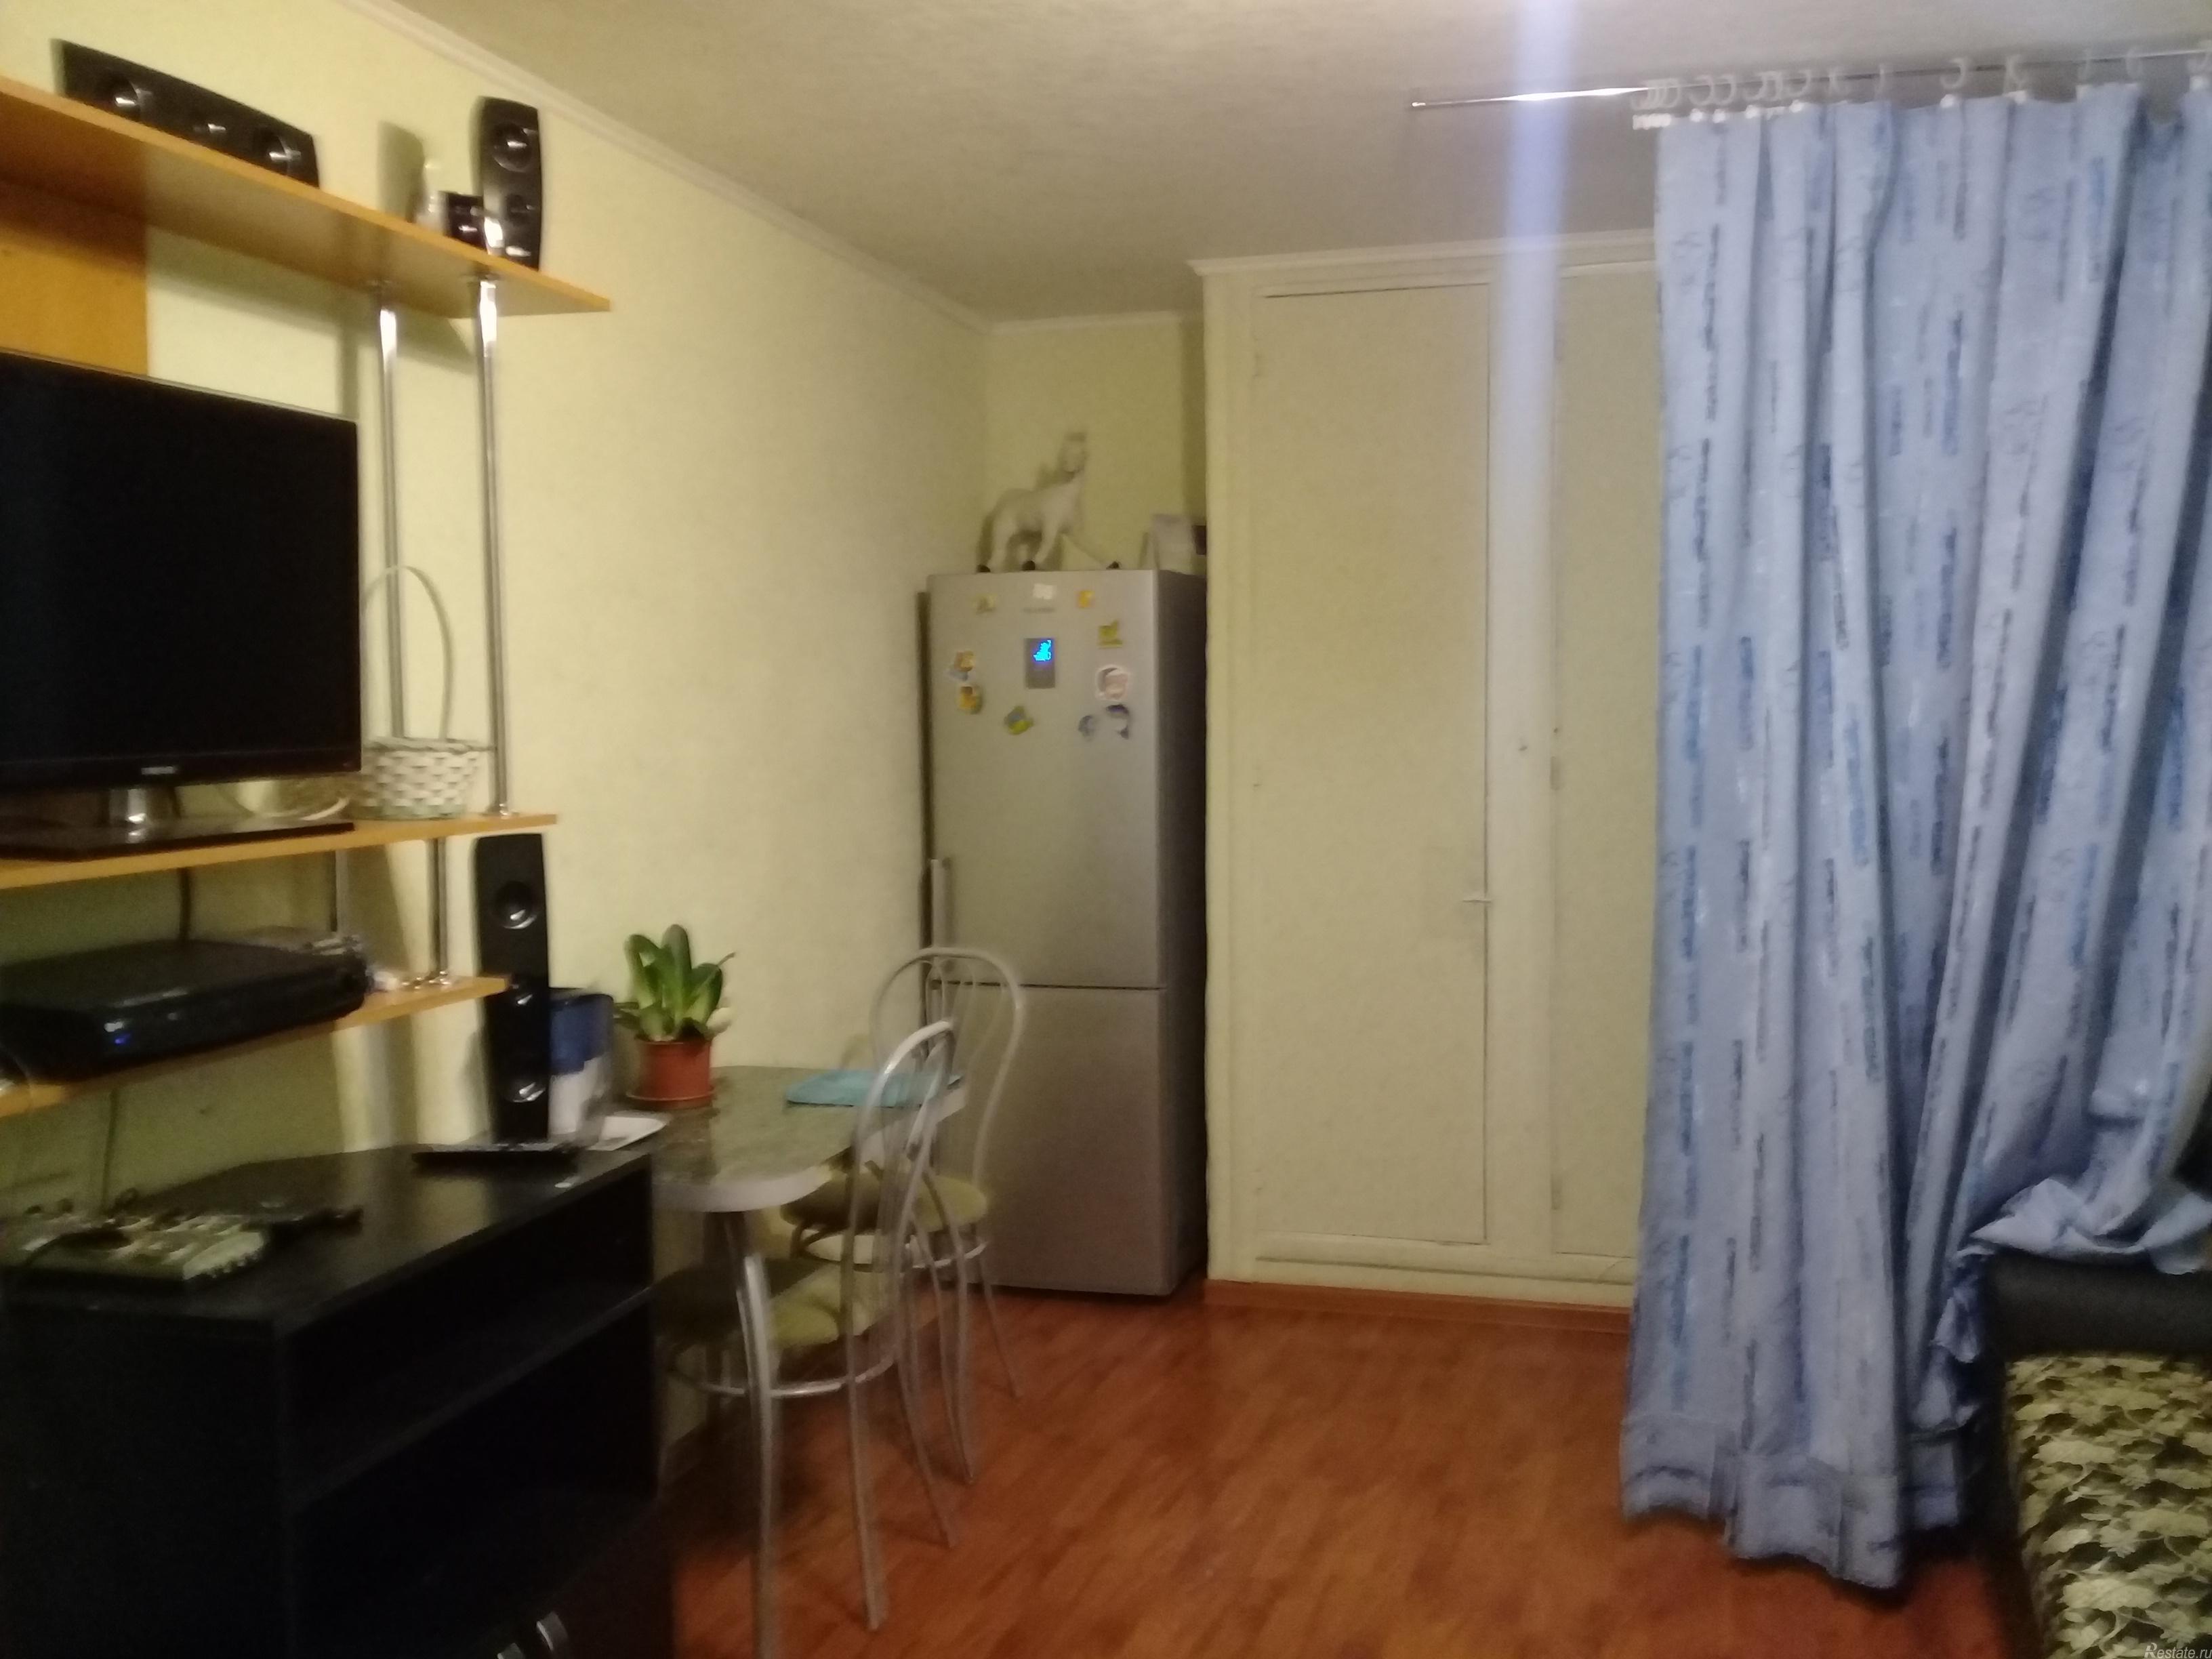 Сдать в аренду Комнаты в квартирах Санкт-Петербург,  Колпинский,  Рыбацкое, Металлострой п, Садовая ул